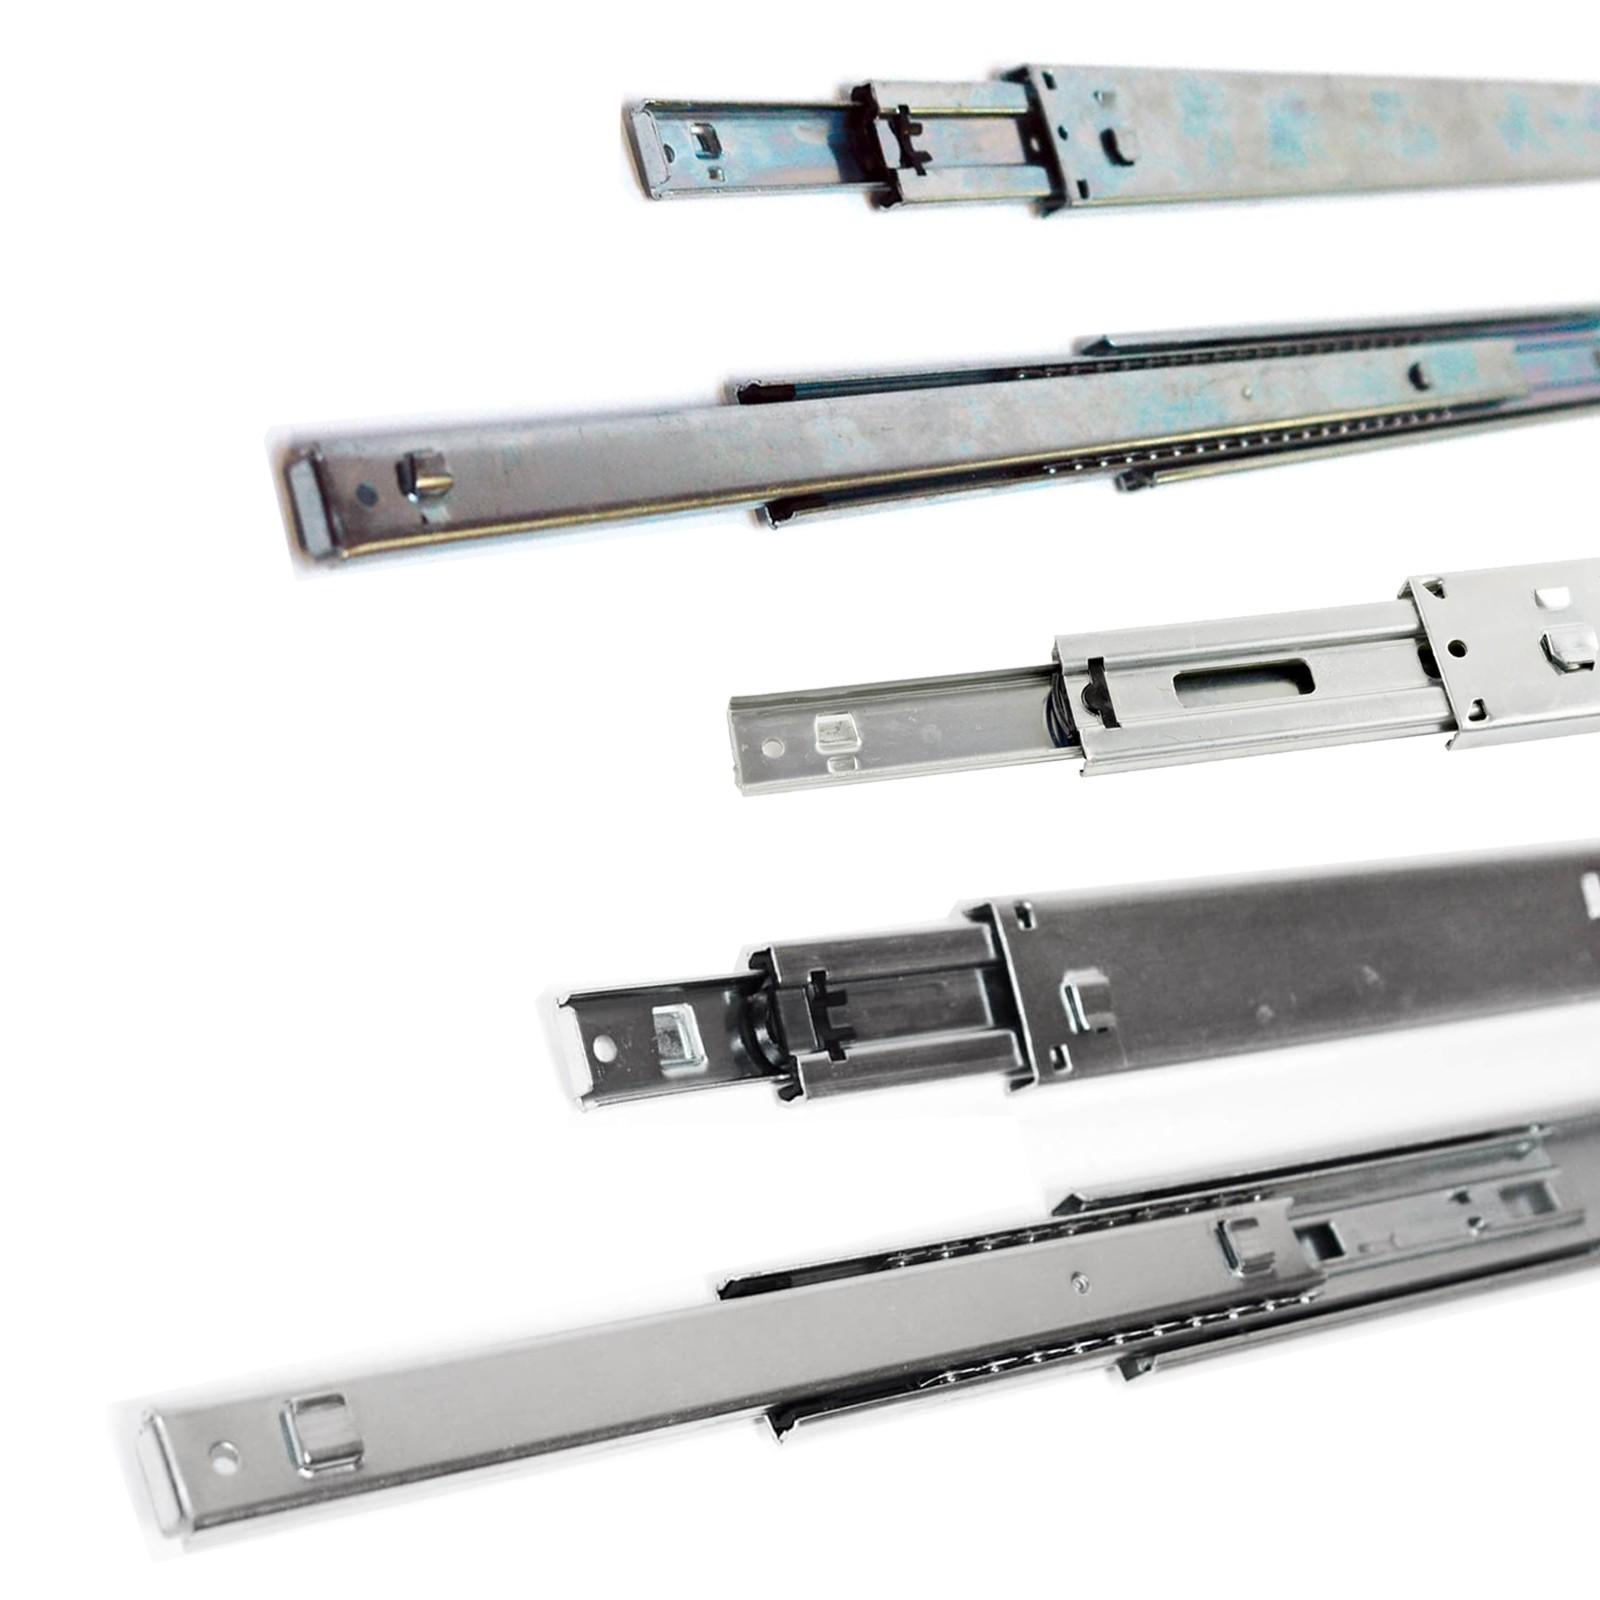 Hervorragend Teleskopschiene Schubladenschiene Vollauszug 3 stufig 250 - 550mm DV14